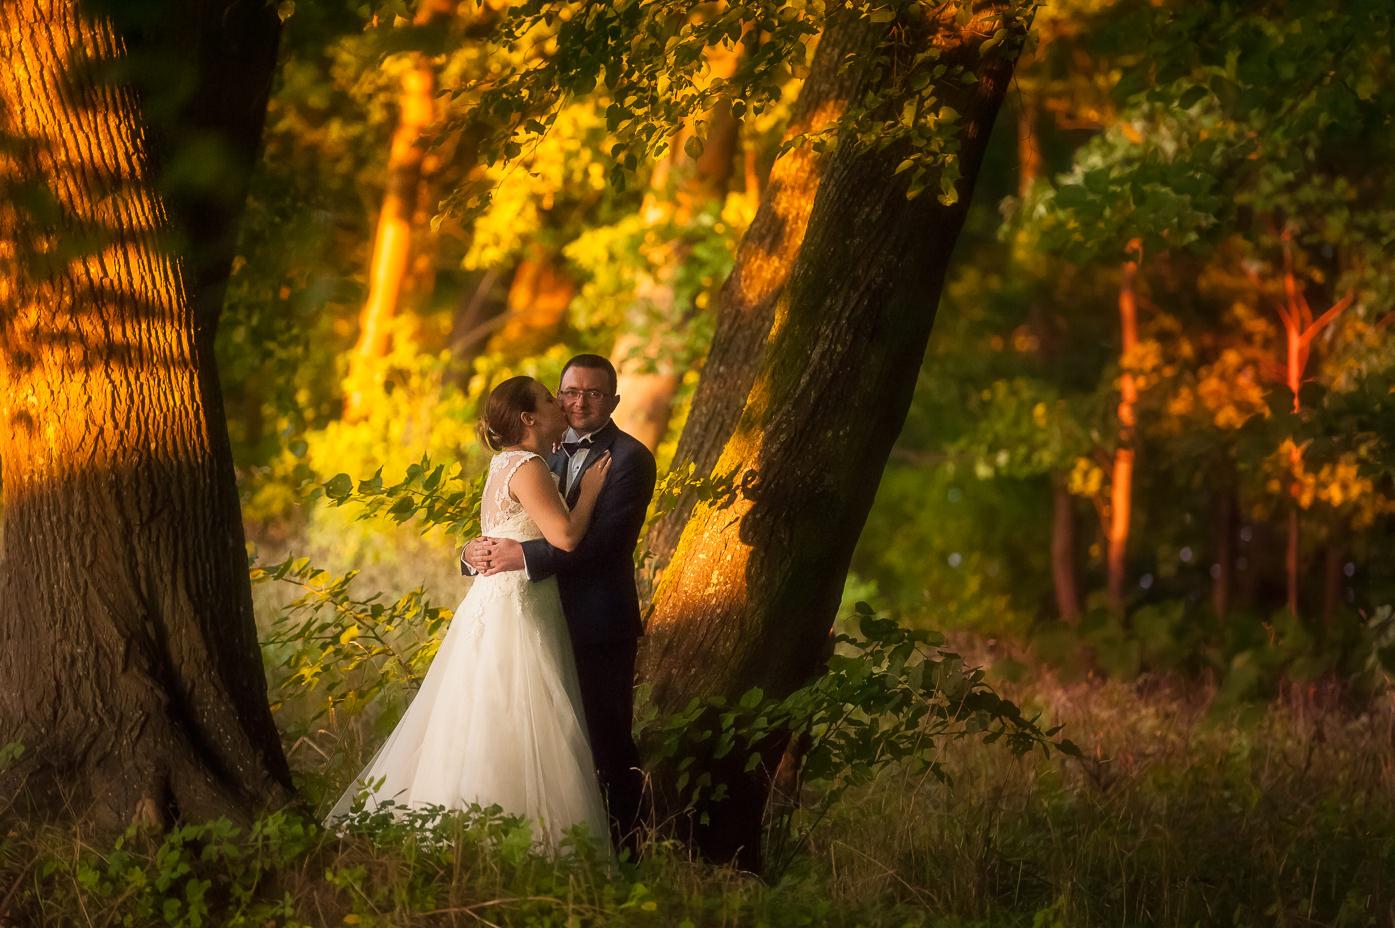 zdjęcia ślubne Gdańsk zdjecia ślubne z pasją i pomysłem